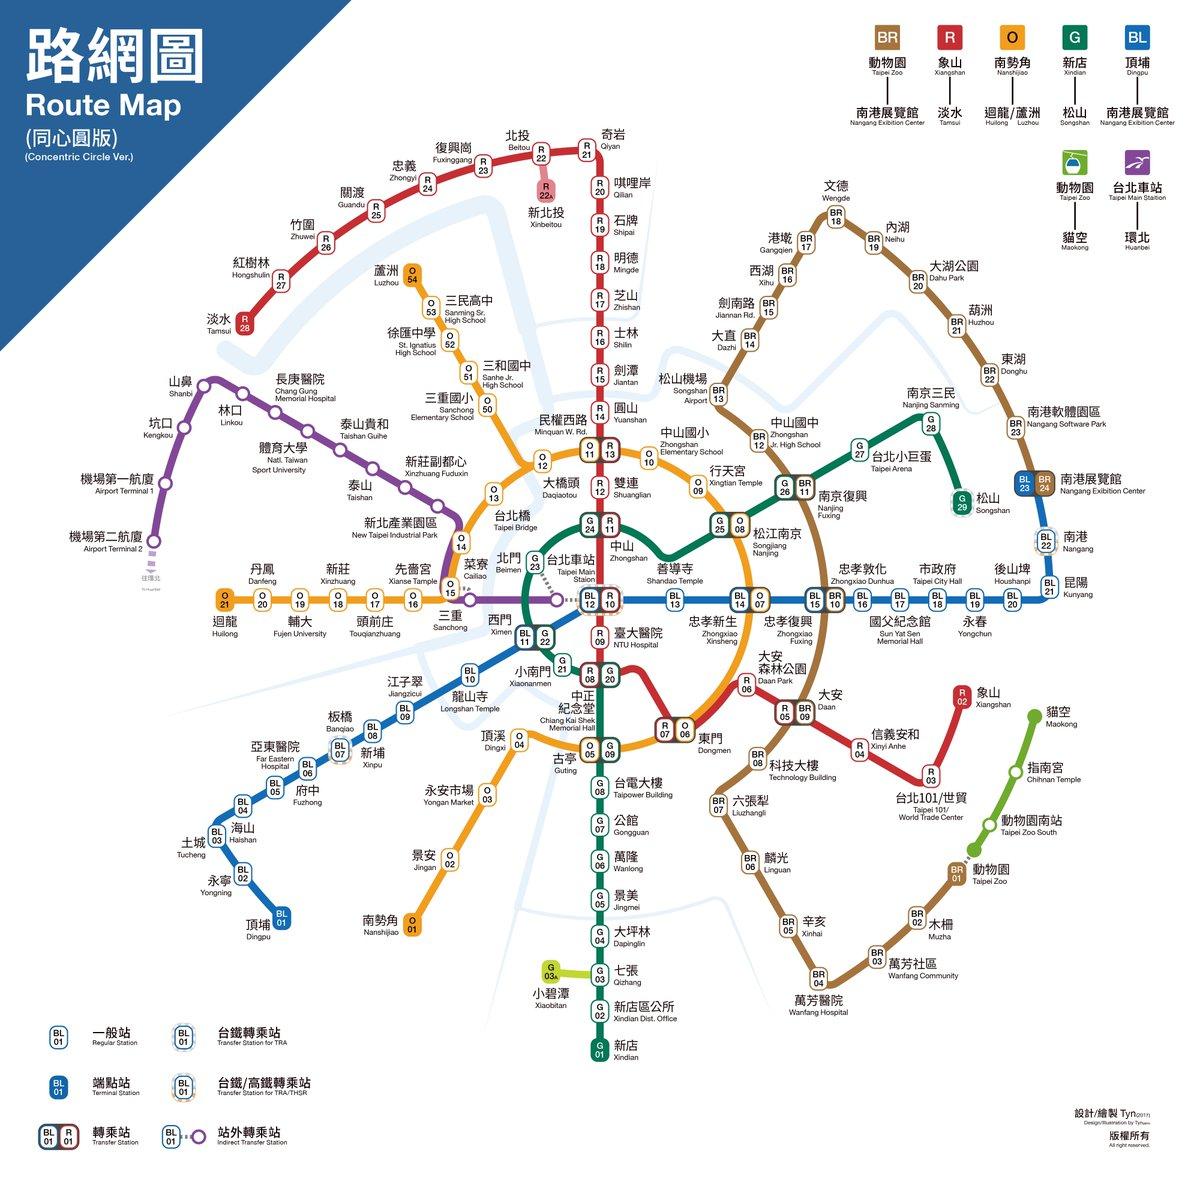 Re: [分享] 台北捷運同心圓(放射狀)路網圖 https://t.co/ZdDEbI0Hzb https://t.co/RAH0Bq2vbg